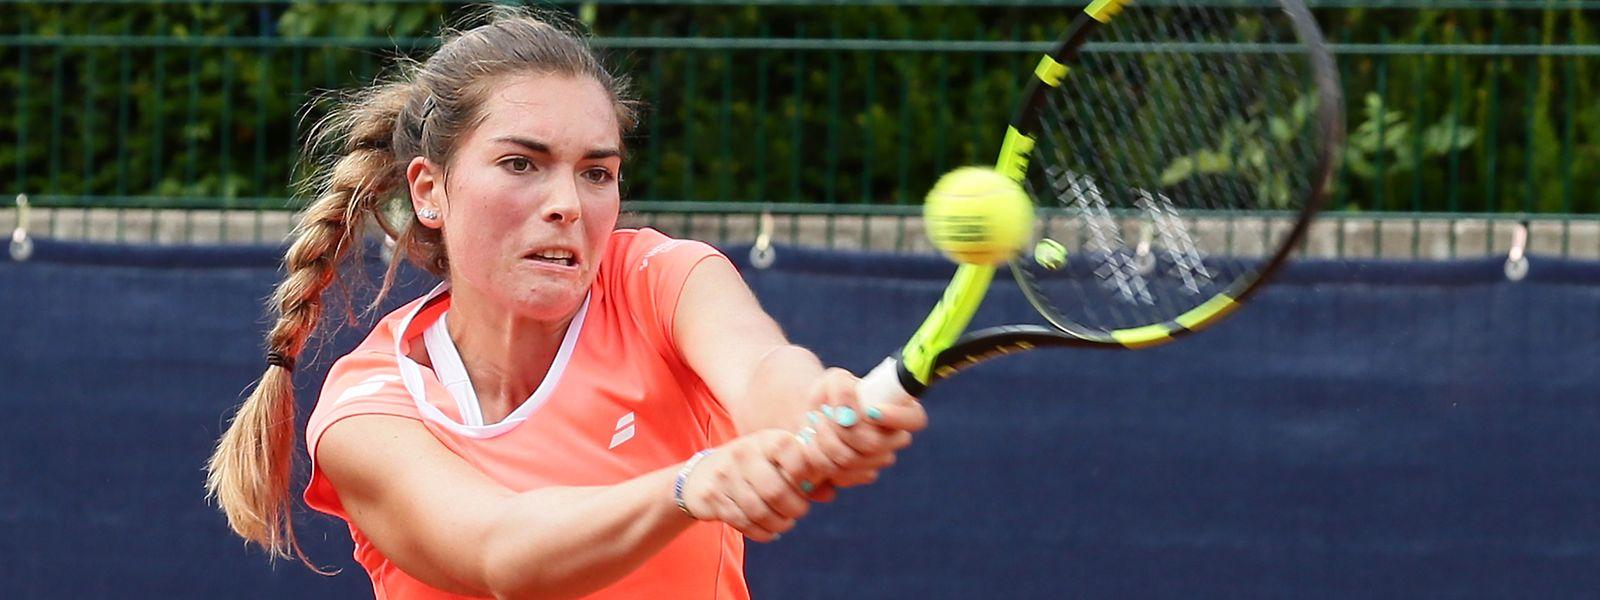 Eléonora Molinaro verpasste ihren dritten Titel auf der ITF-Tour.